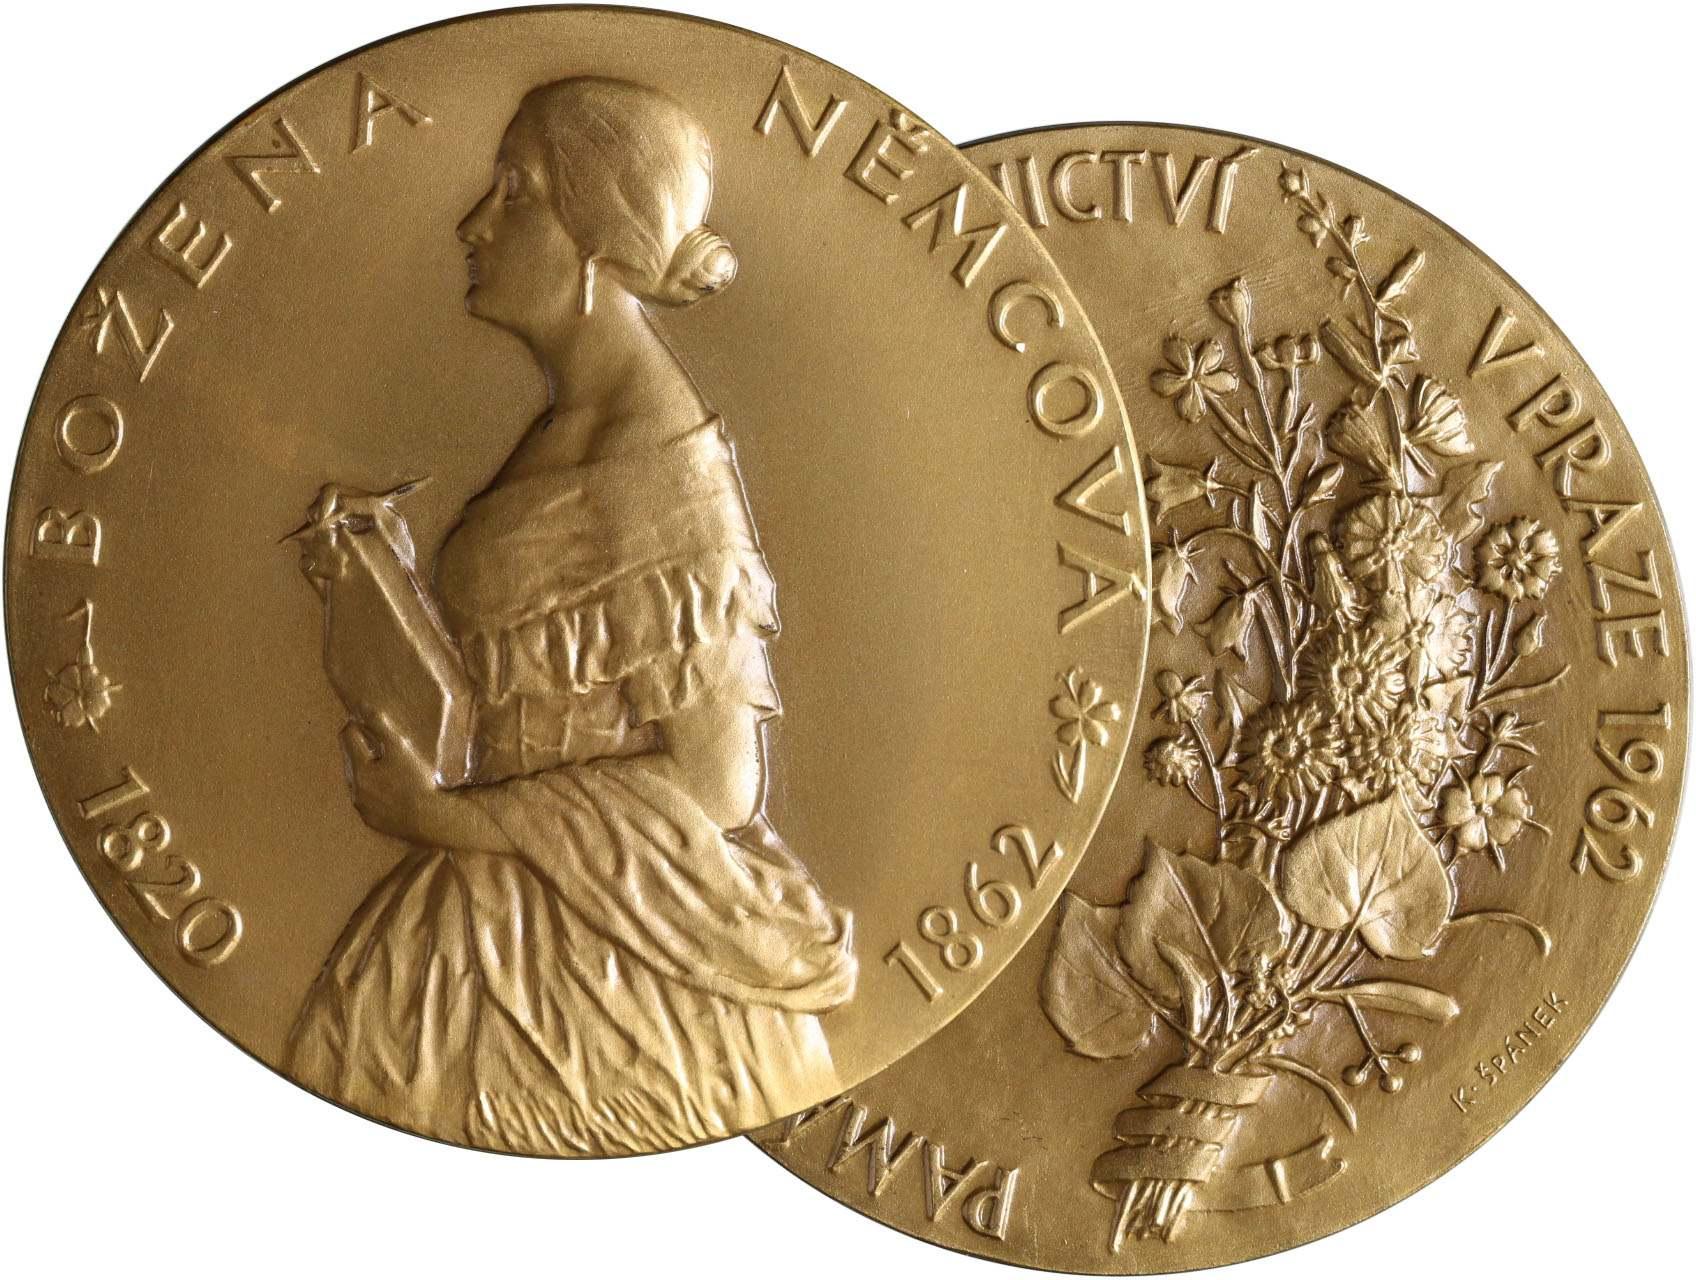 Špánek Karel 1894-1965 - AE medaile 1962, Božena Němcová ke stému výročí úmrtí. Postava zleva opis / kytice, text, opis. Bronz, 70 mm